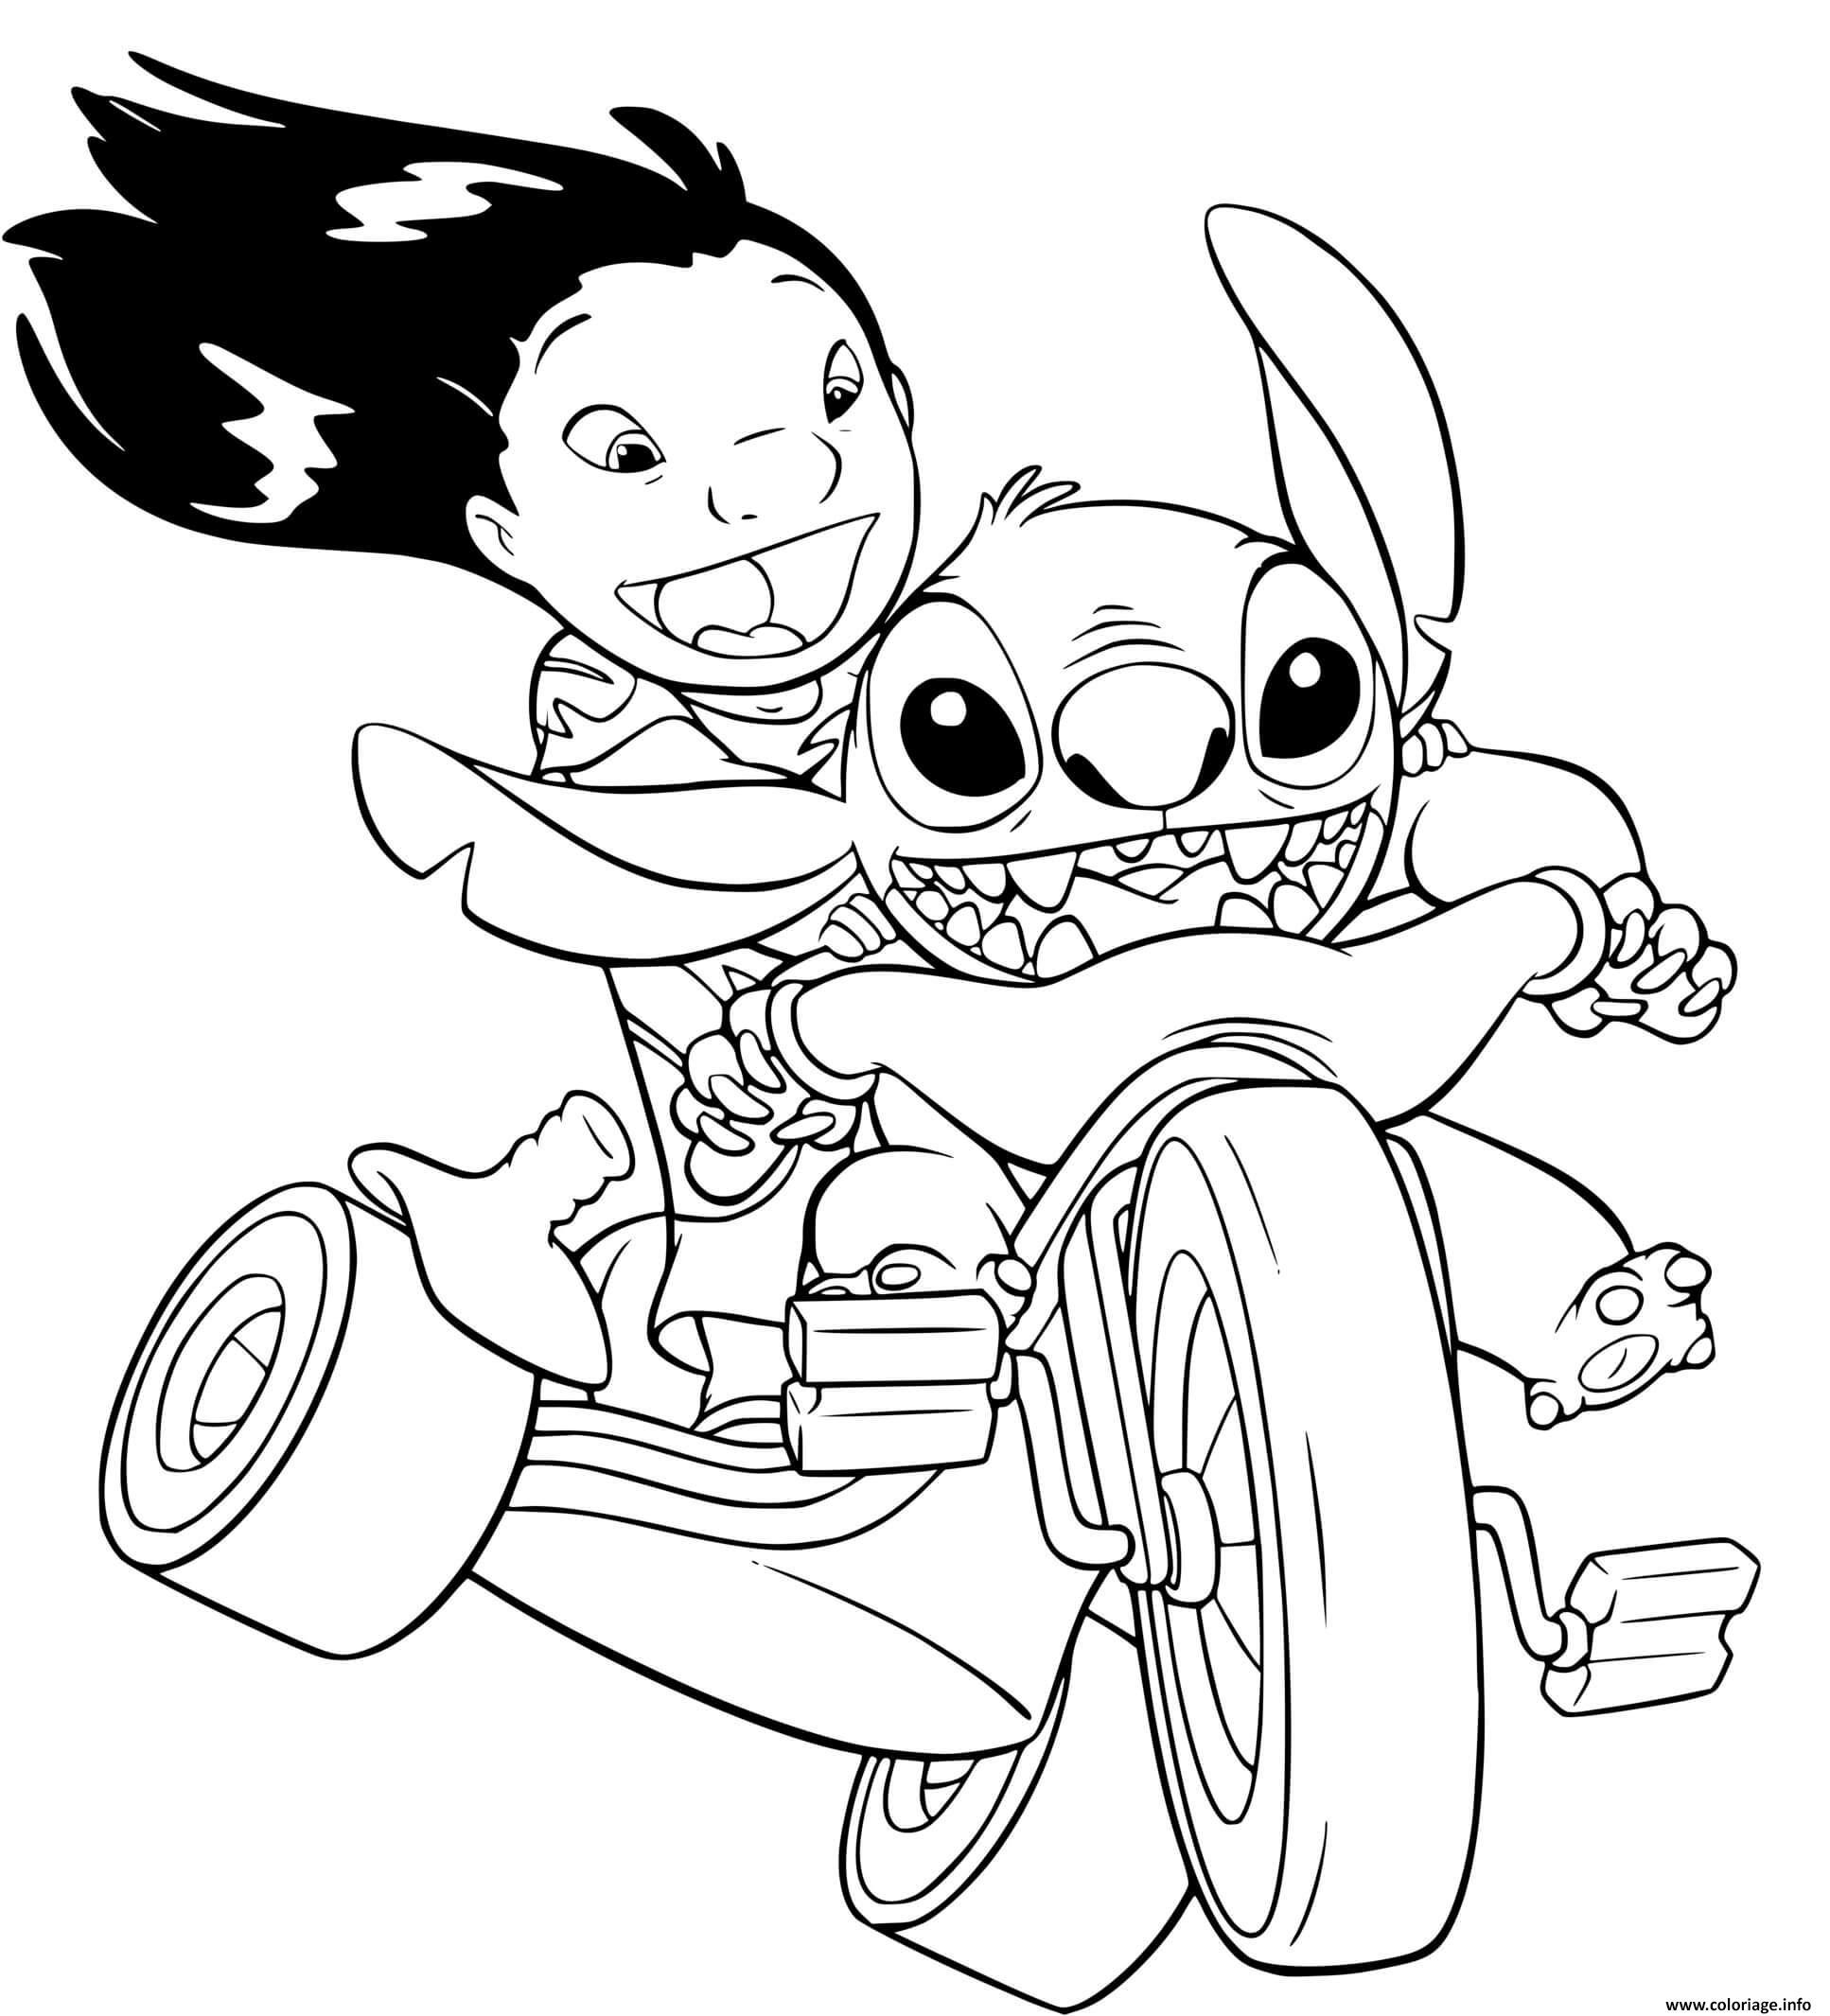 Dessin stitch et lilo adore la vitesse avec leur nouvel moto Coloriage Gratuit à Imprimer